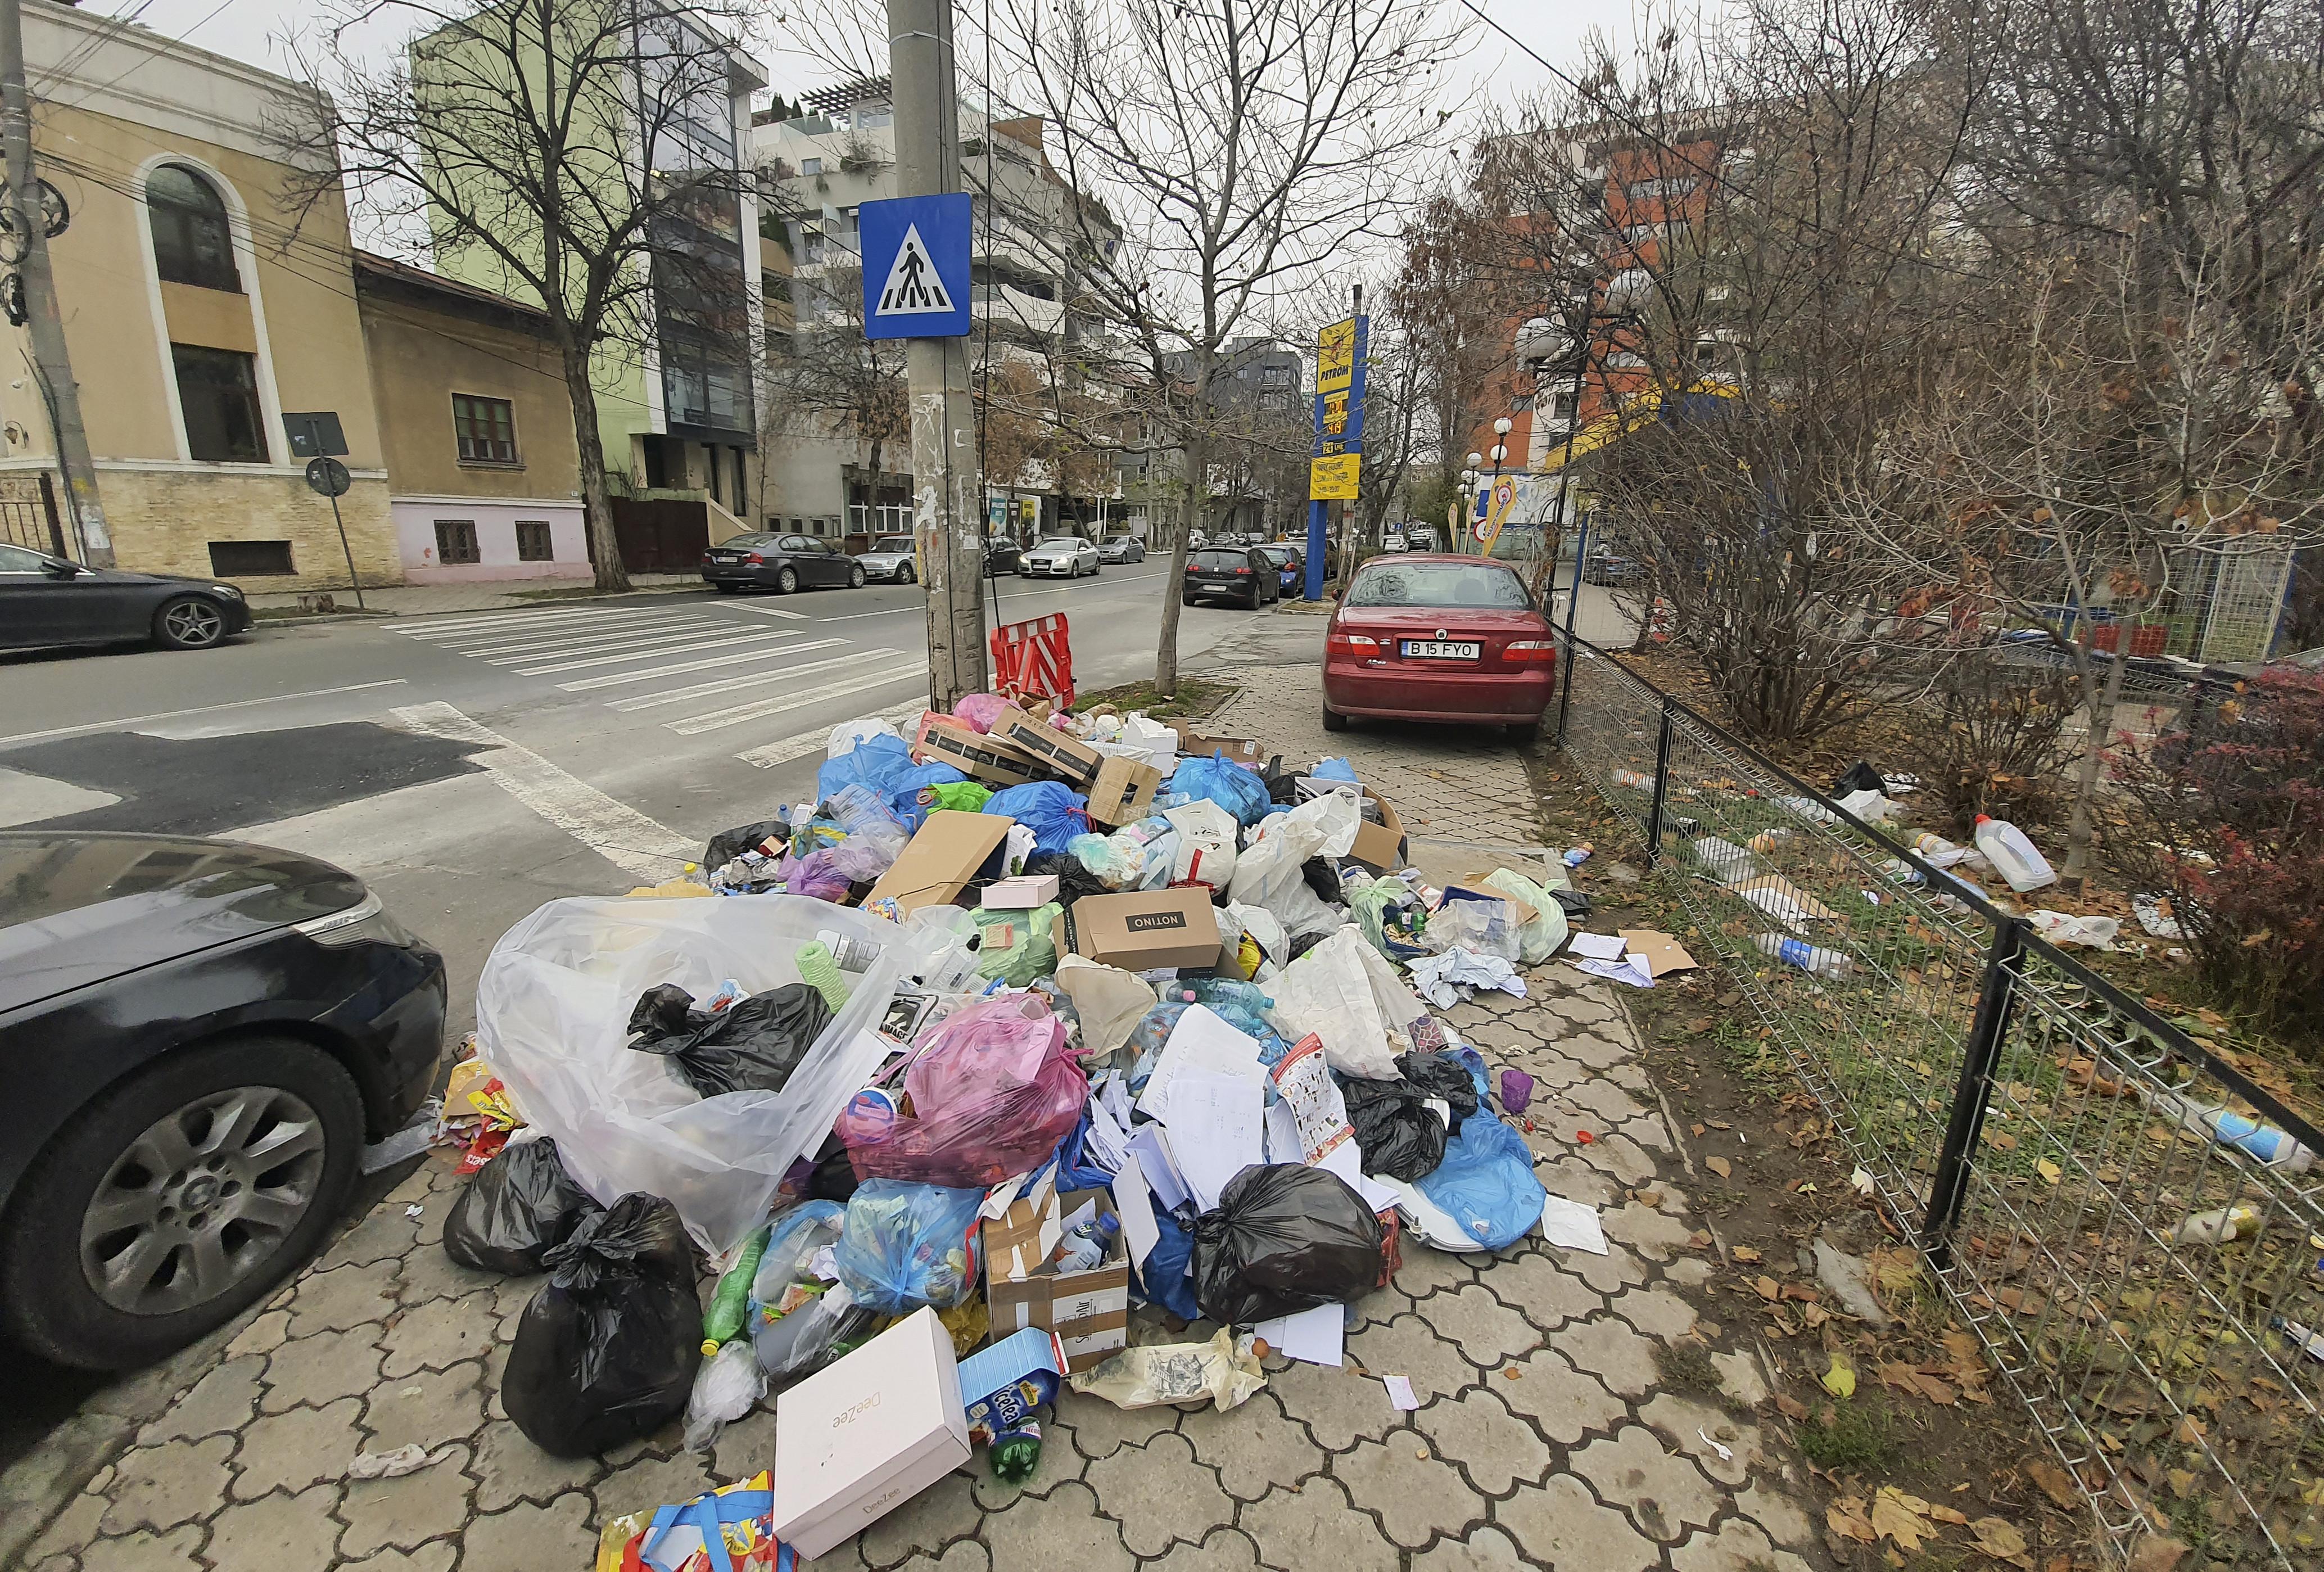 Recompensă pentru pozele cu persoane care aruncă gunoaie pe străzi. Dovezile incriminatorii se premiază cu 150 de lei